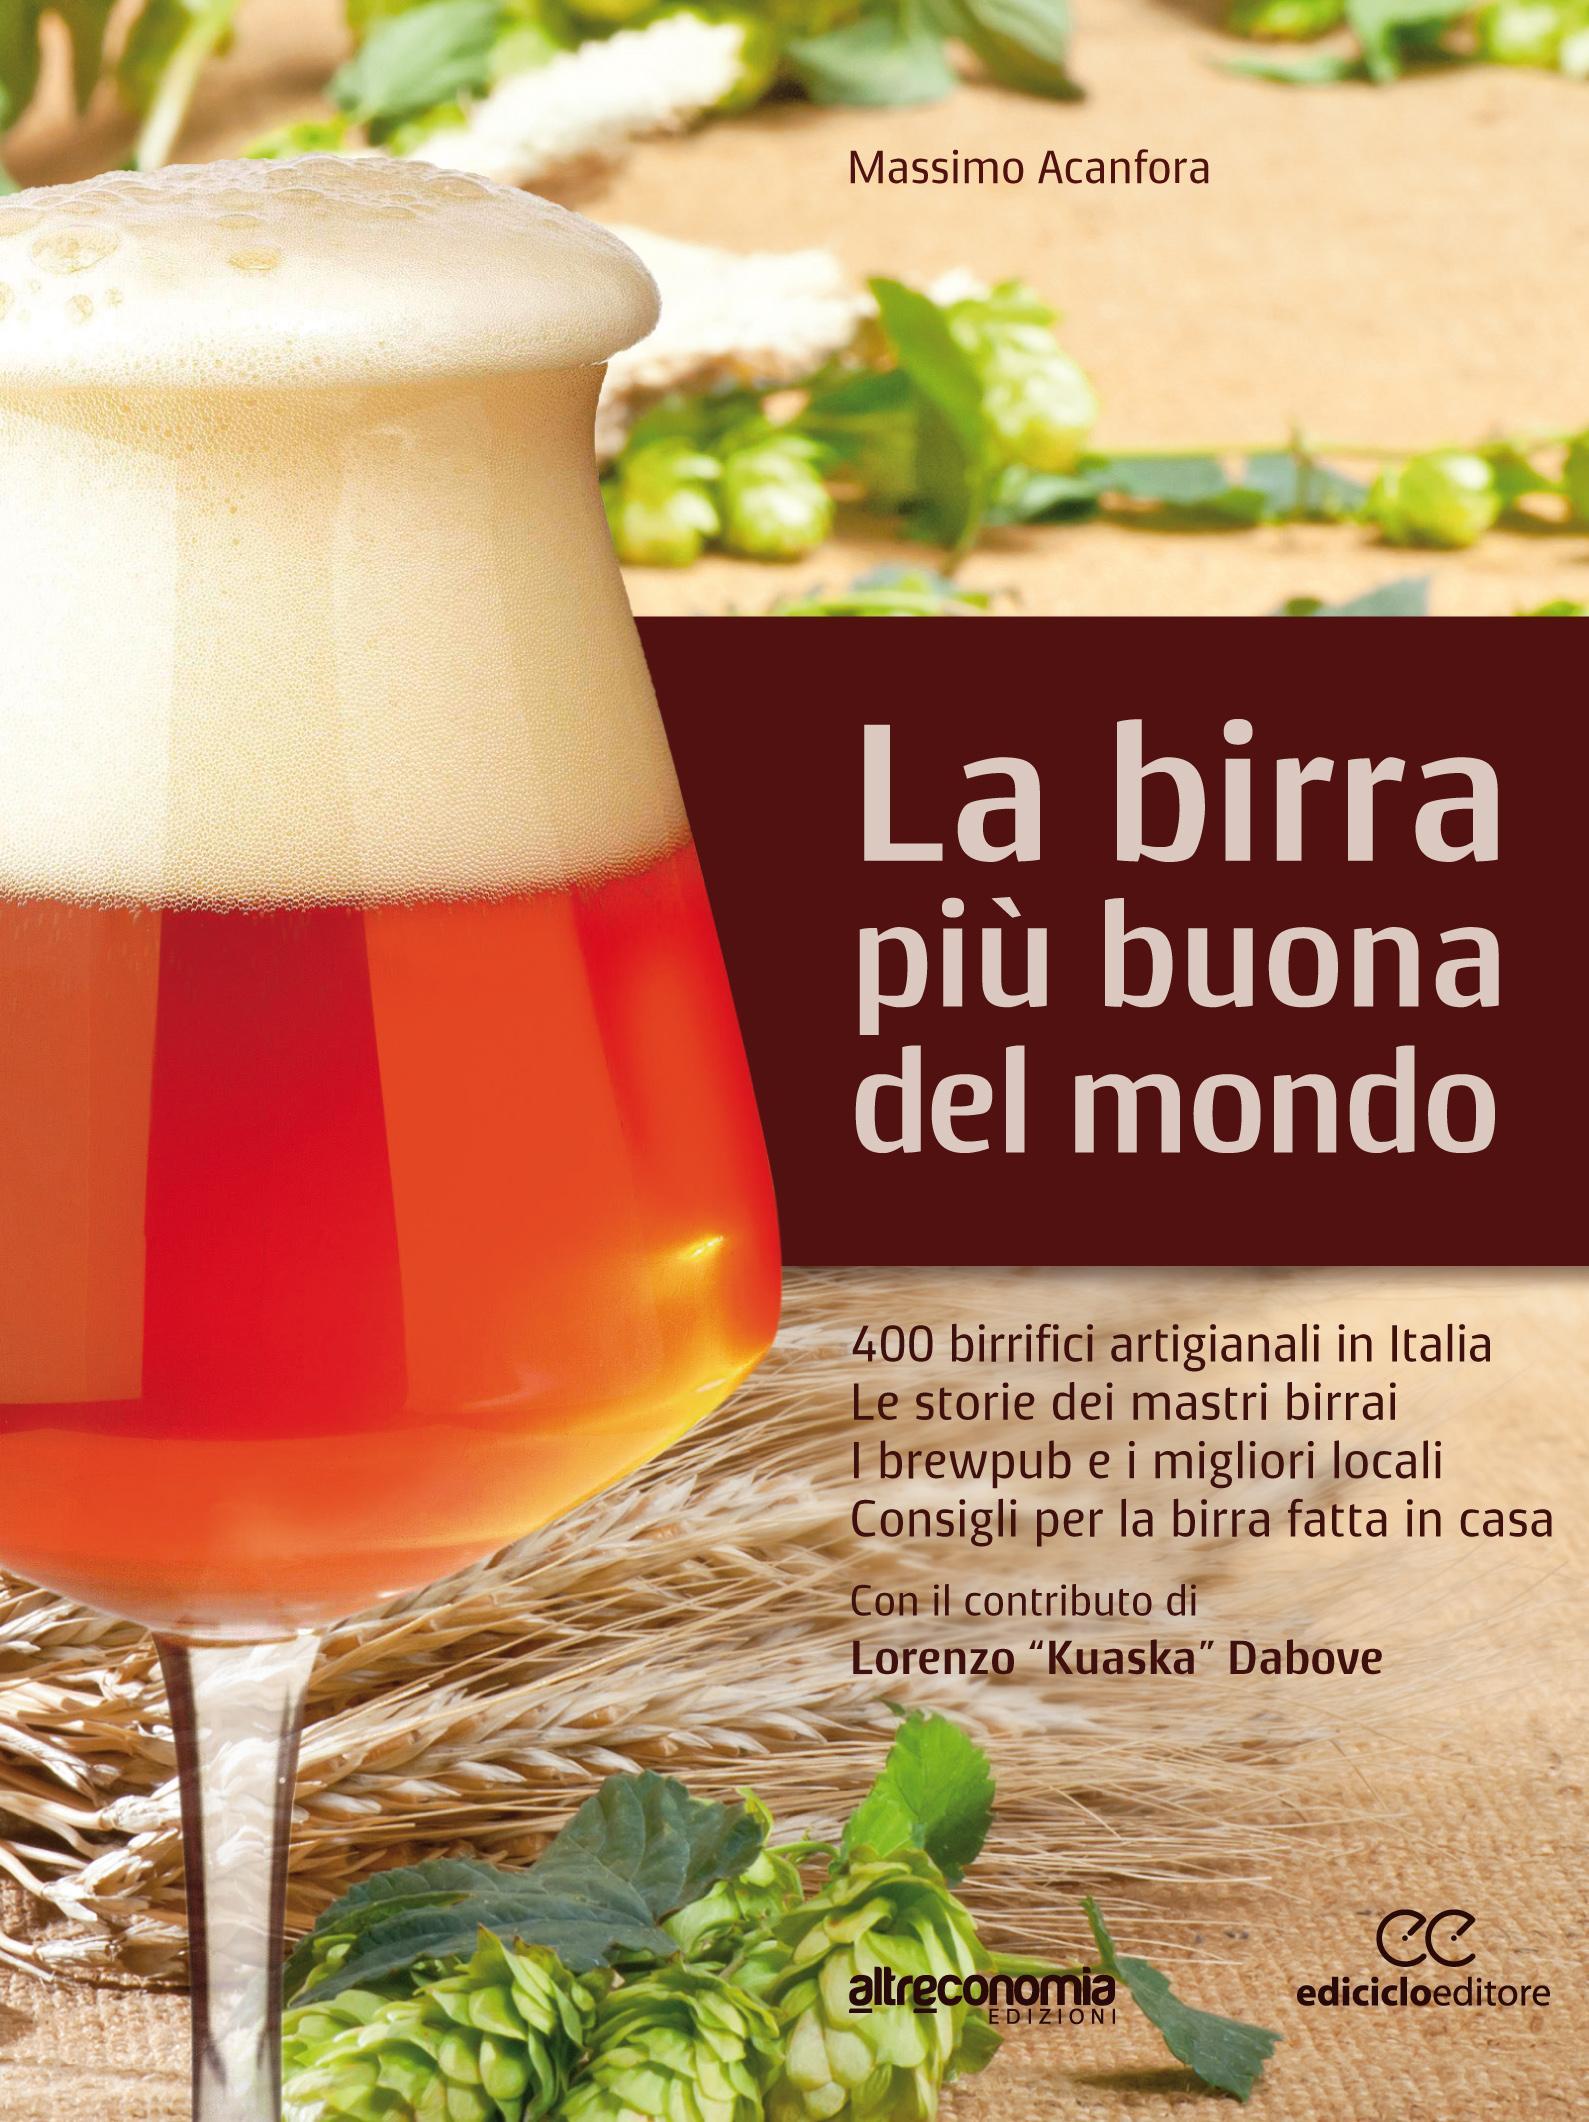 La birra più buona ...